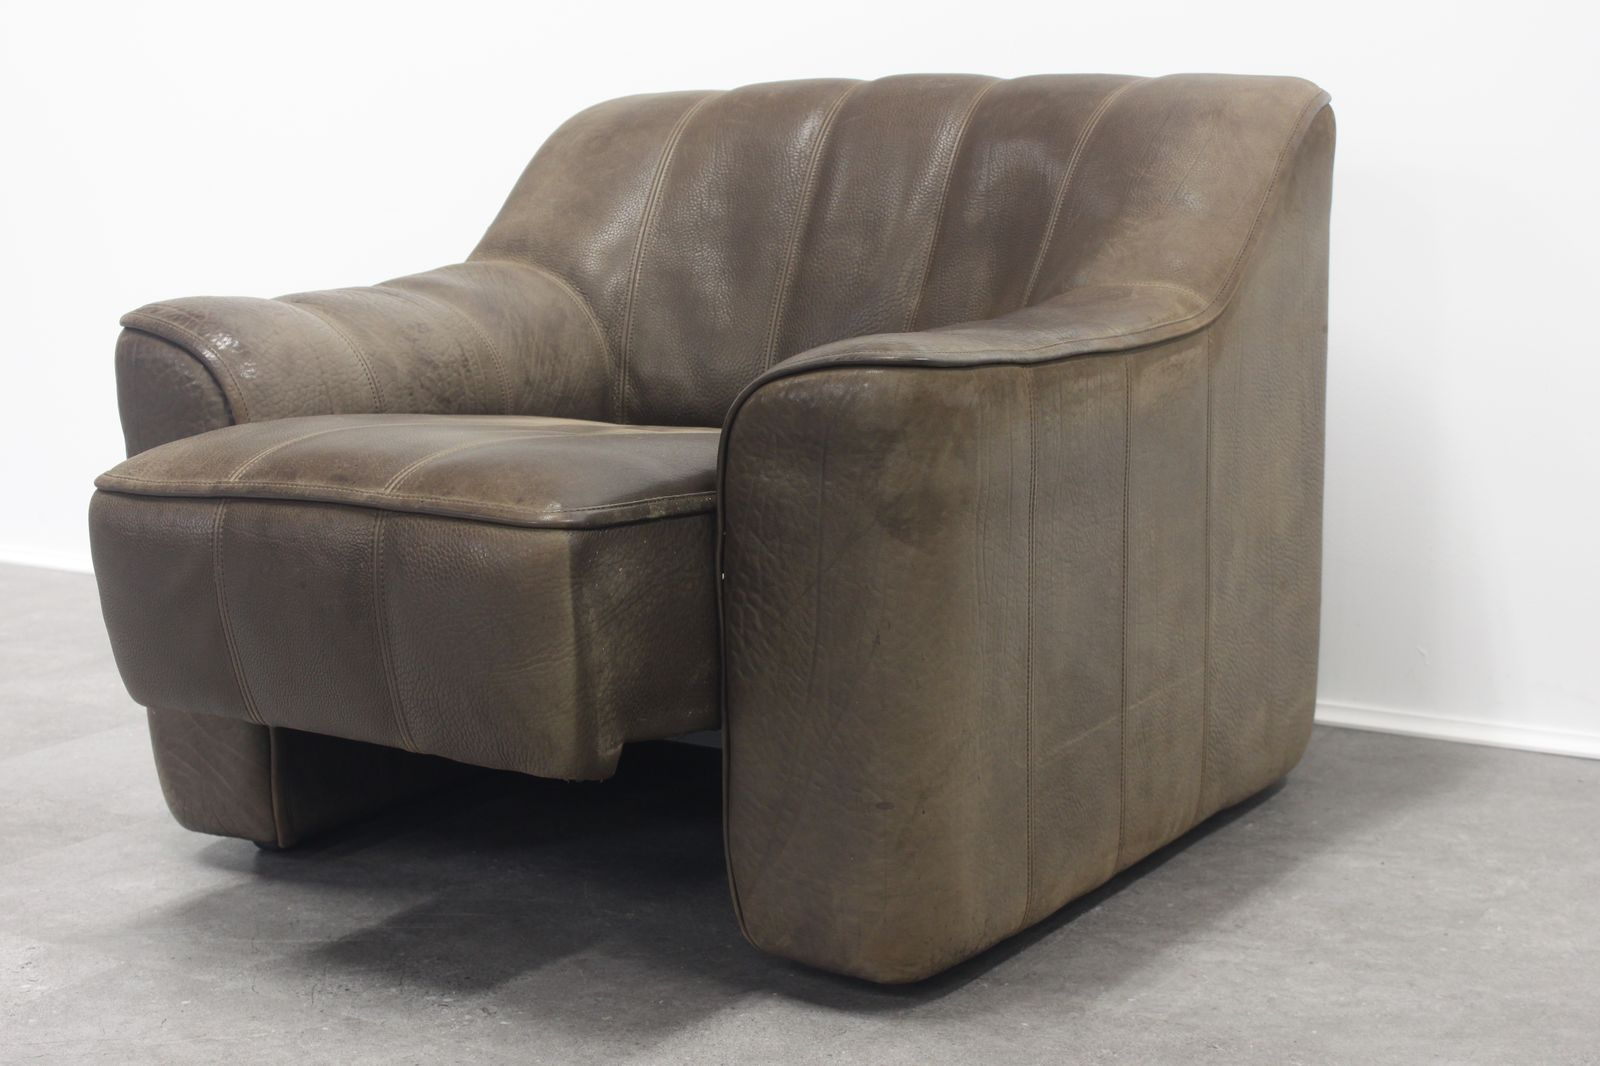 Vintage ds 44 drei sitzer sofa sessel von de sede bei for Sofa 7 sitzer